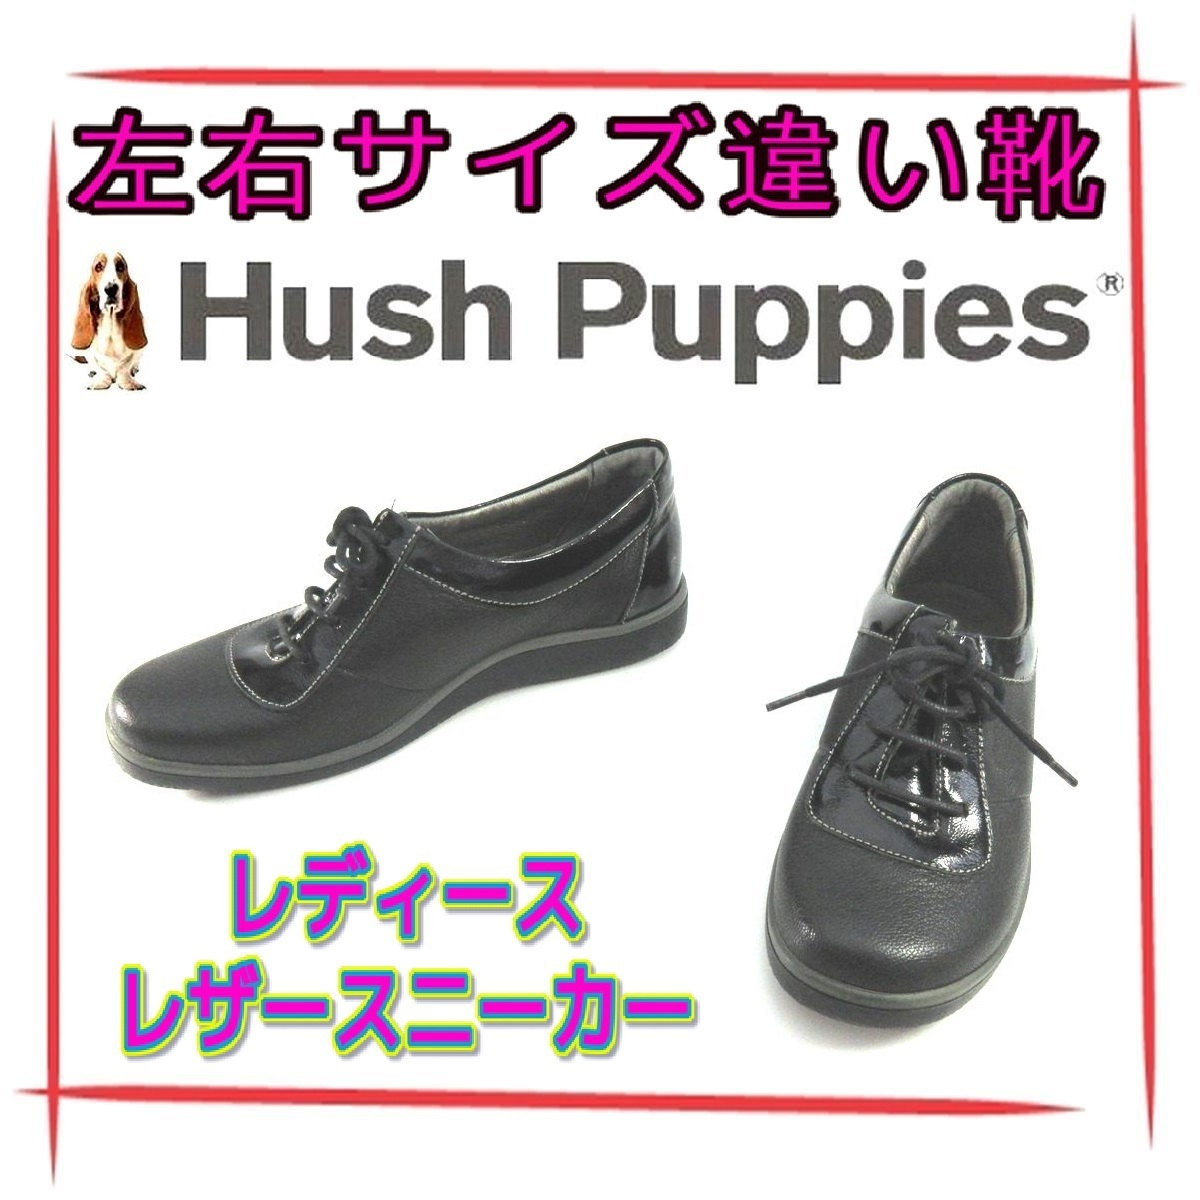 レディース左右サイズ違い靴 本革レースアップスニーカー ハッシュパピー Hush Puppies 婦人靴 左35/22.5cm右36/23cm 黒 U2172_画像1